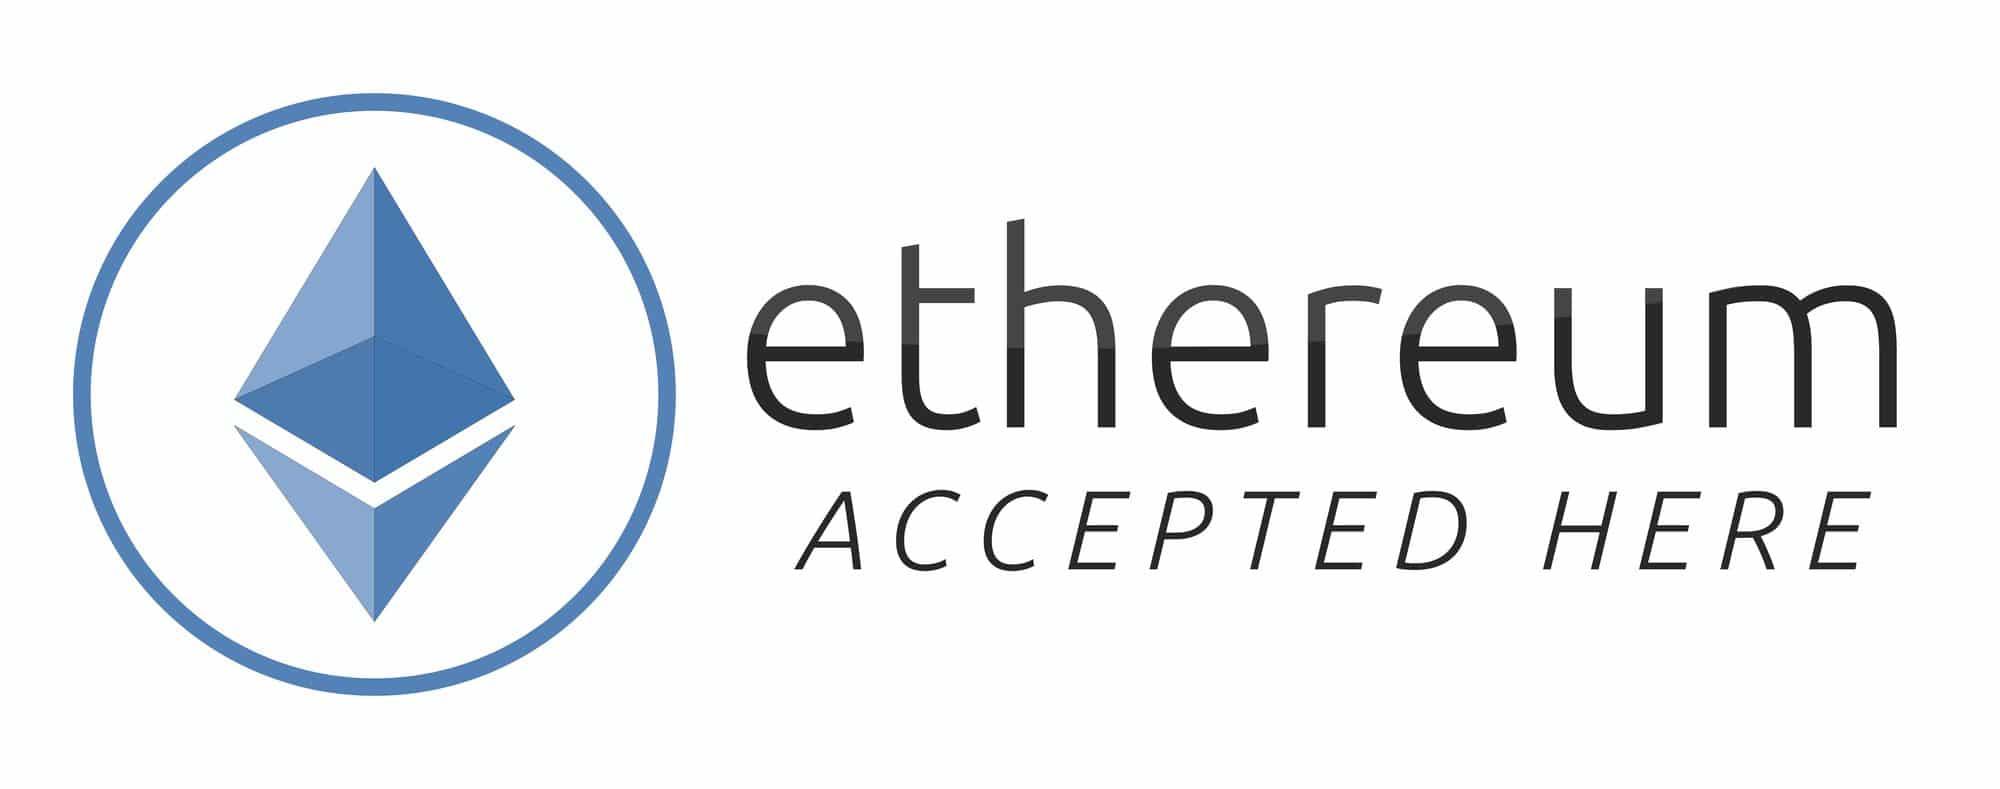 Comercio Ethereum, concepto